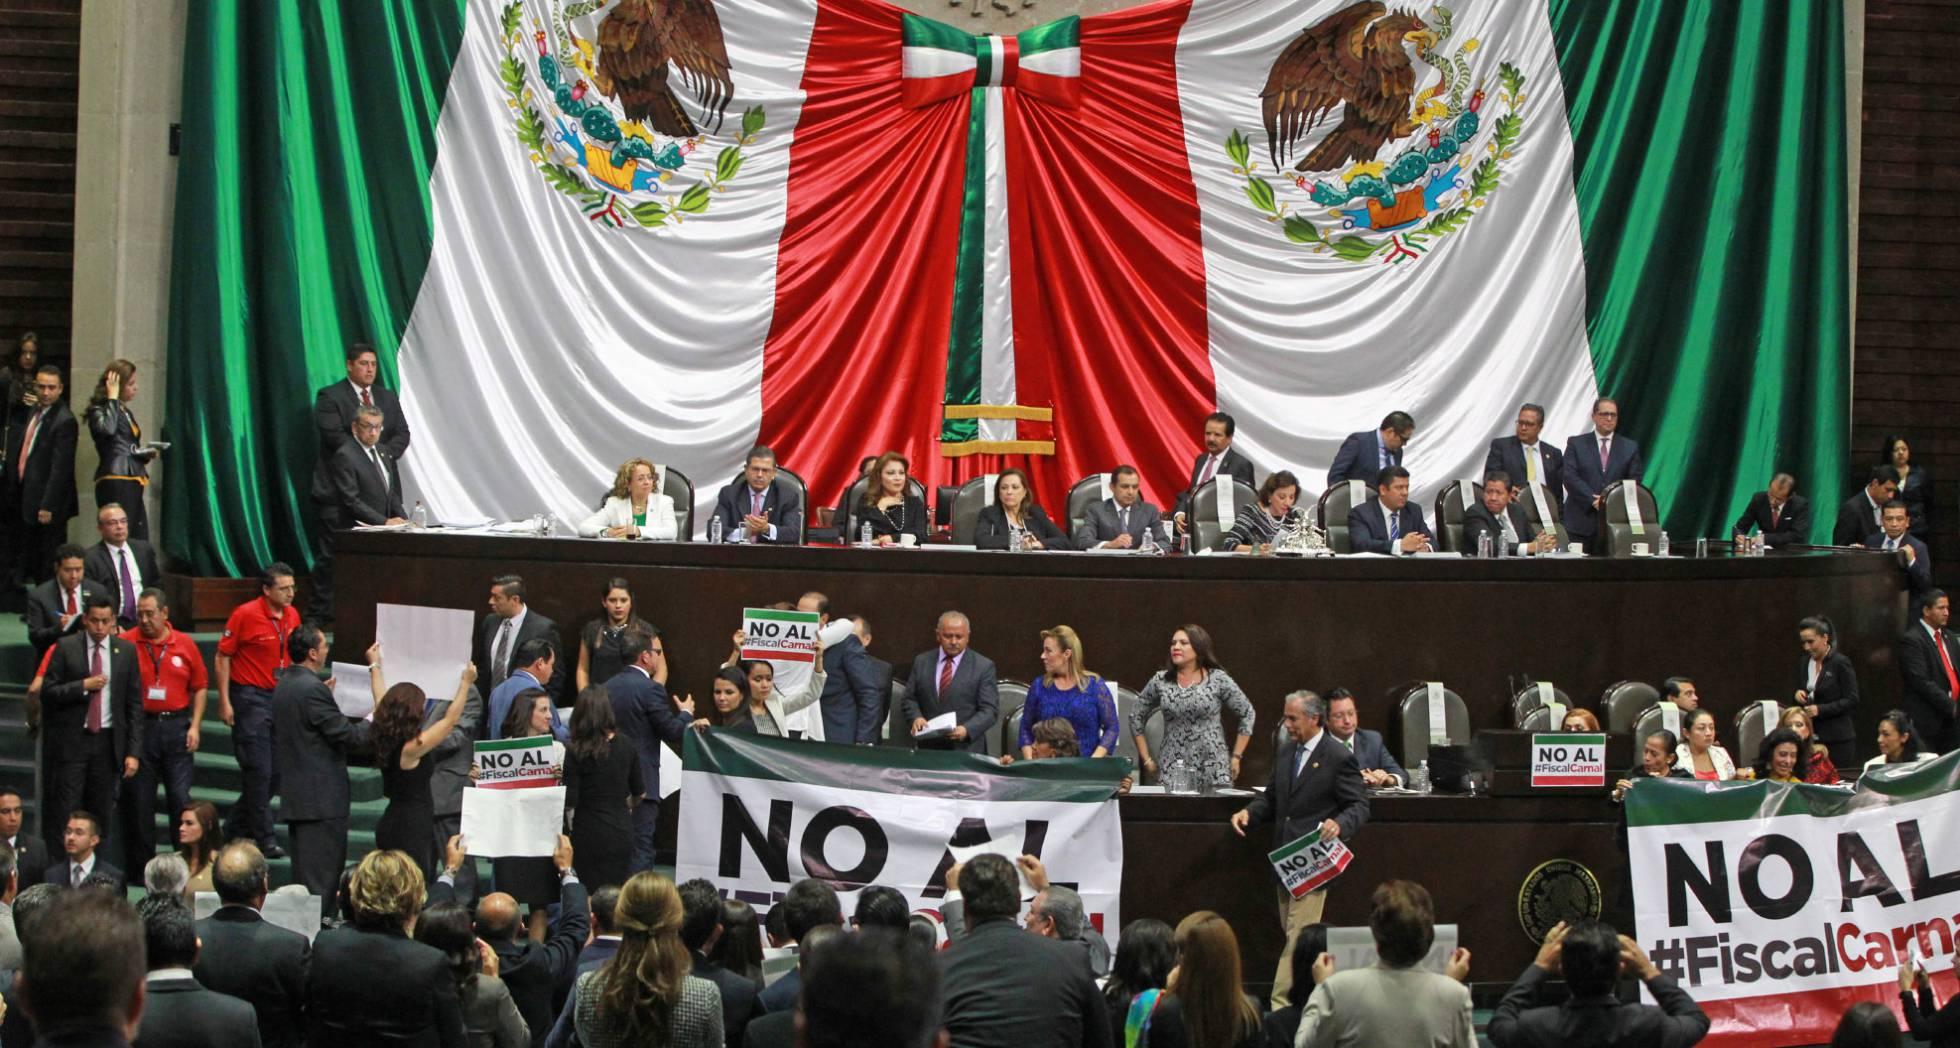 La elección del fiscal abre una crisis política en México